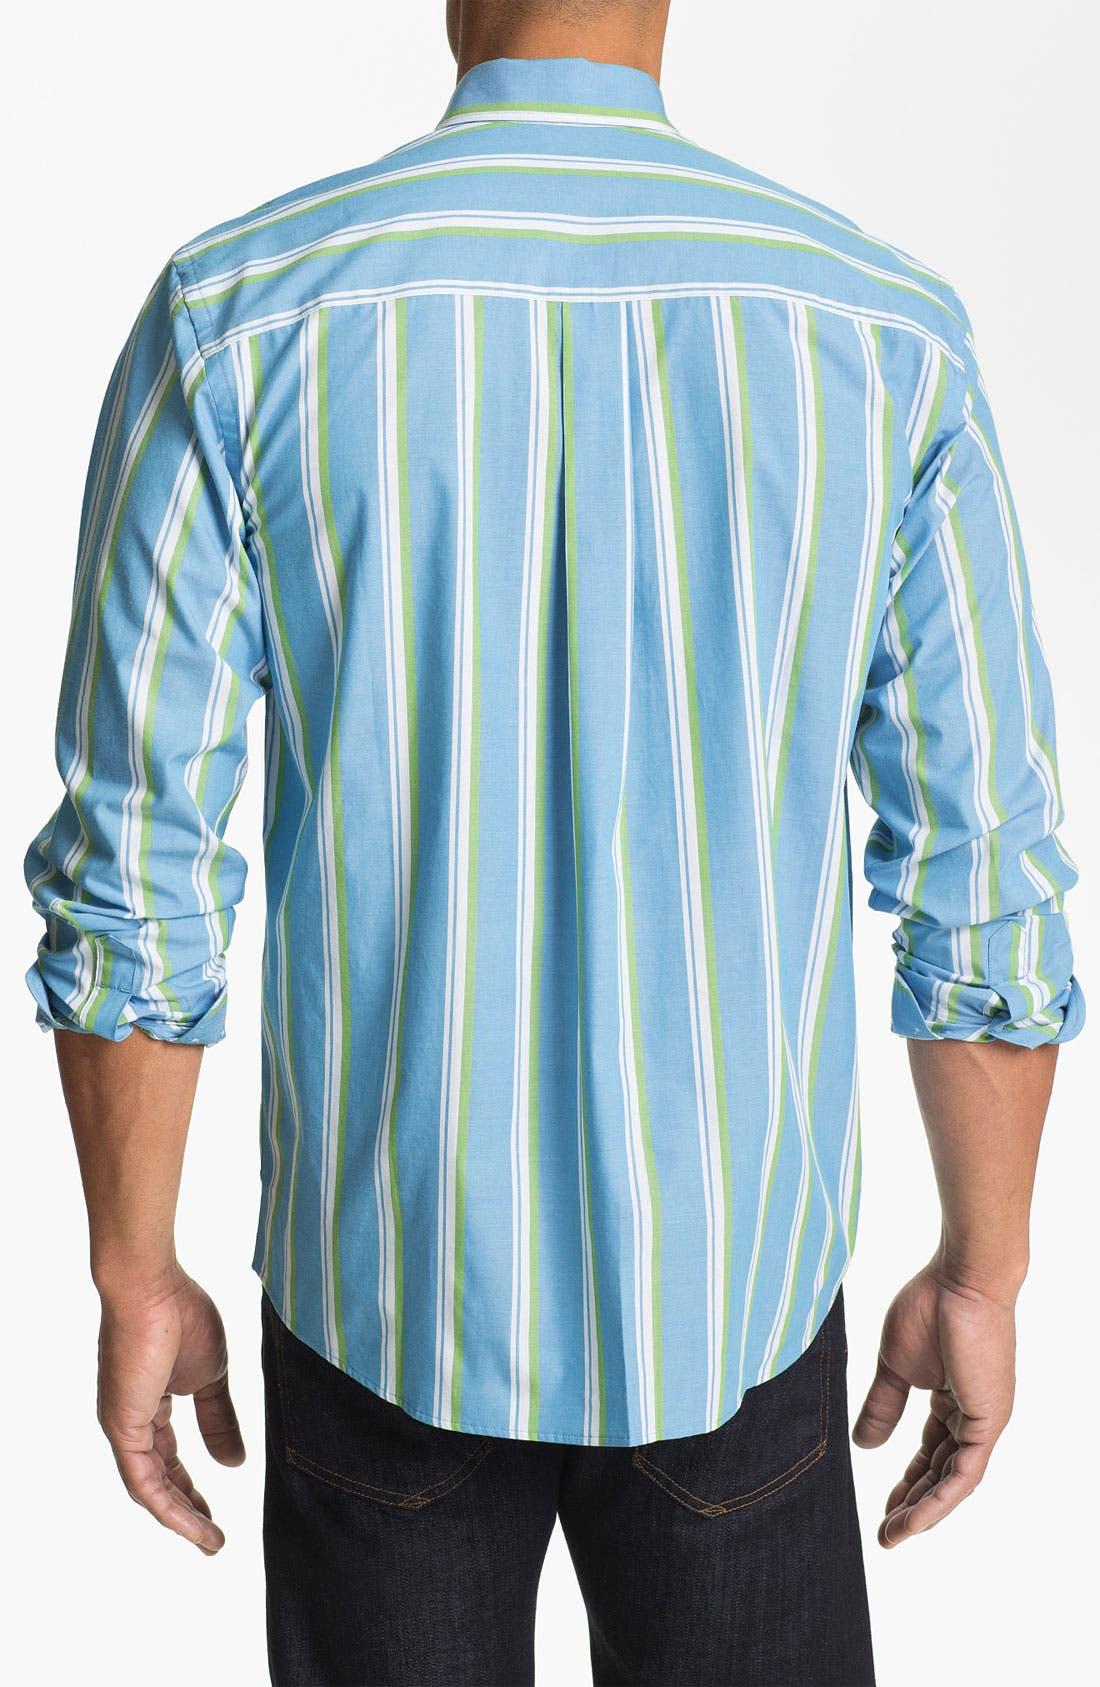 Alternate Image 2  - Cutter & Buck 'Whitmire Stripe' Regular Fit Sport Shirt (Big & Tall)